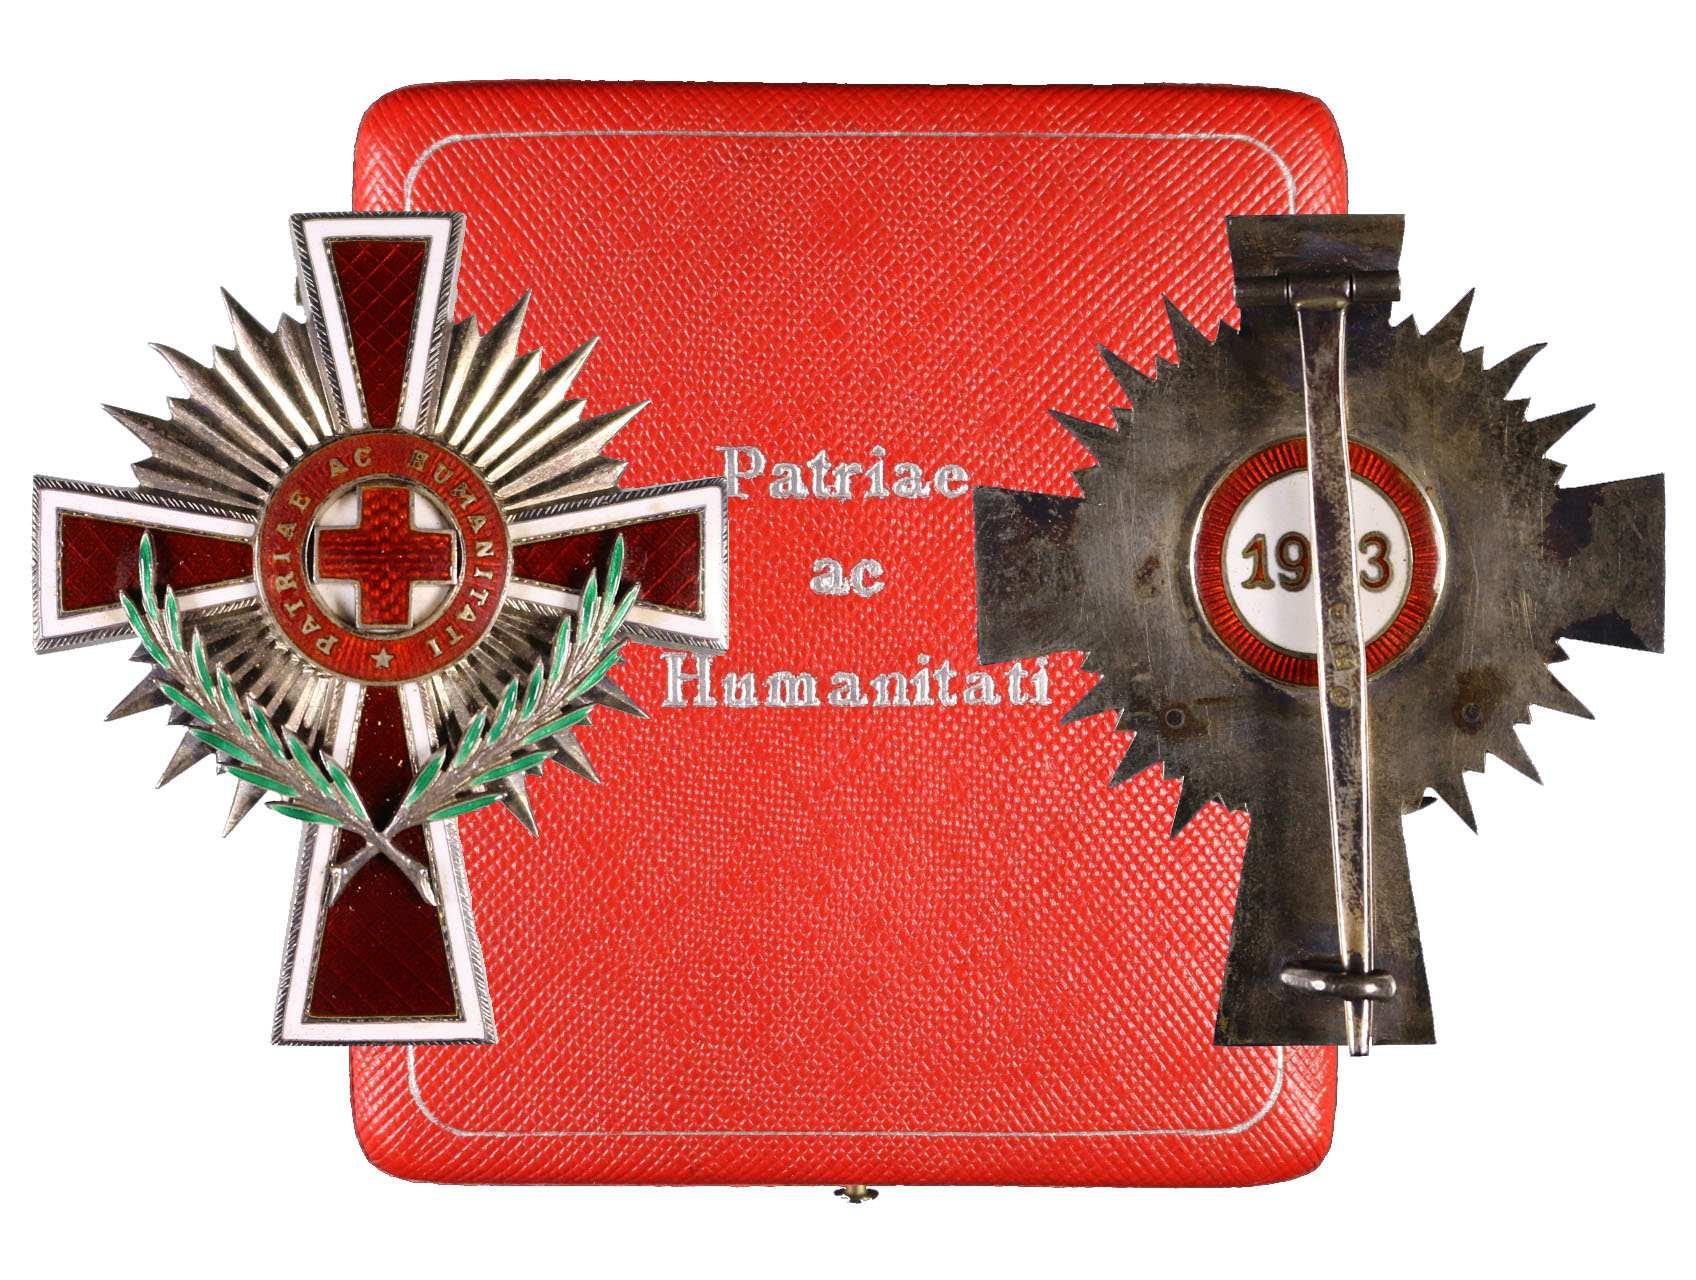 Čestný odznak Červeného Kříže 1923, důstojnický odznak, punc Ag a značka výrobce FS na upínací jehle, původní etue značená Rothe Wien, uděleno cca 74 kusů, Marko 536a